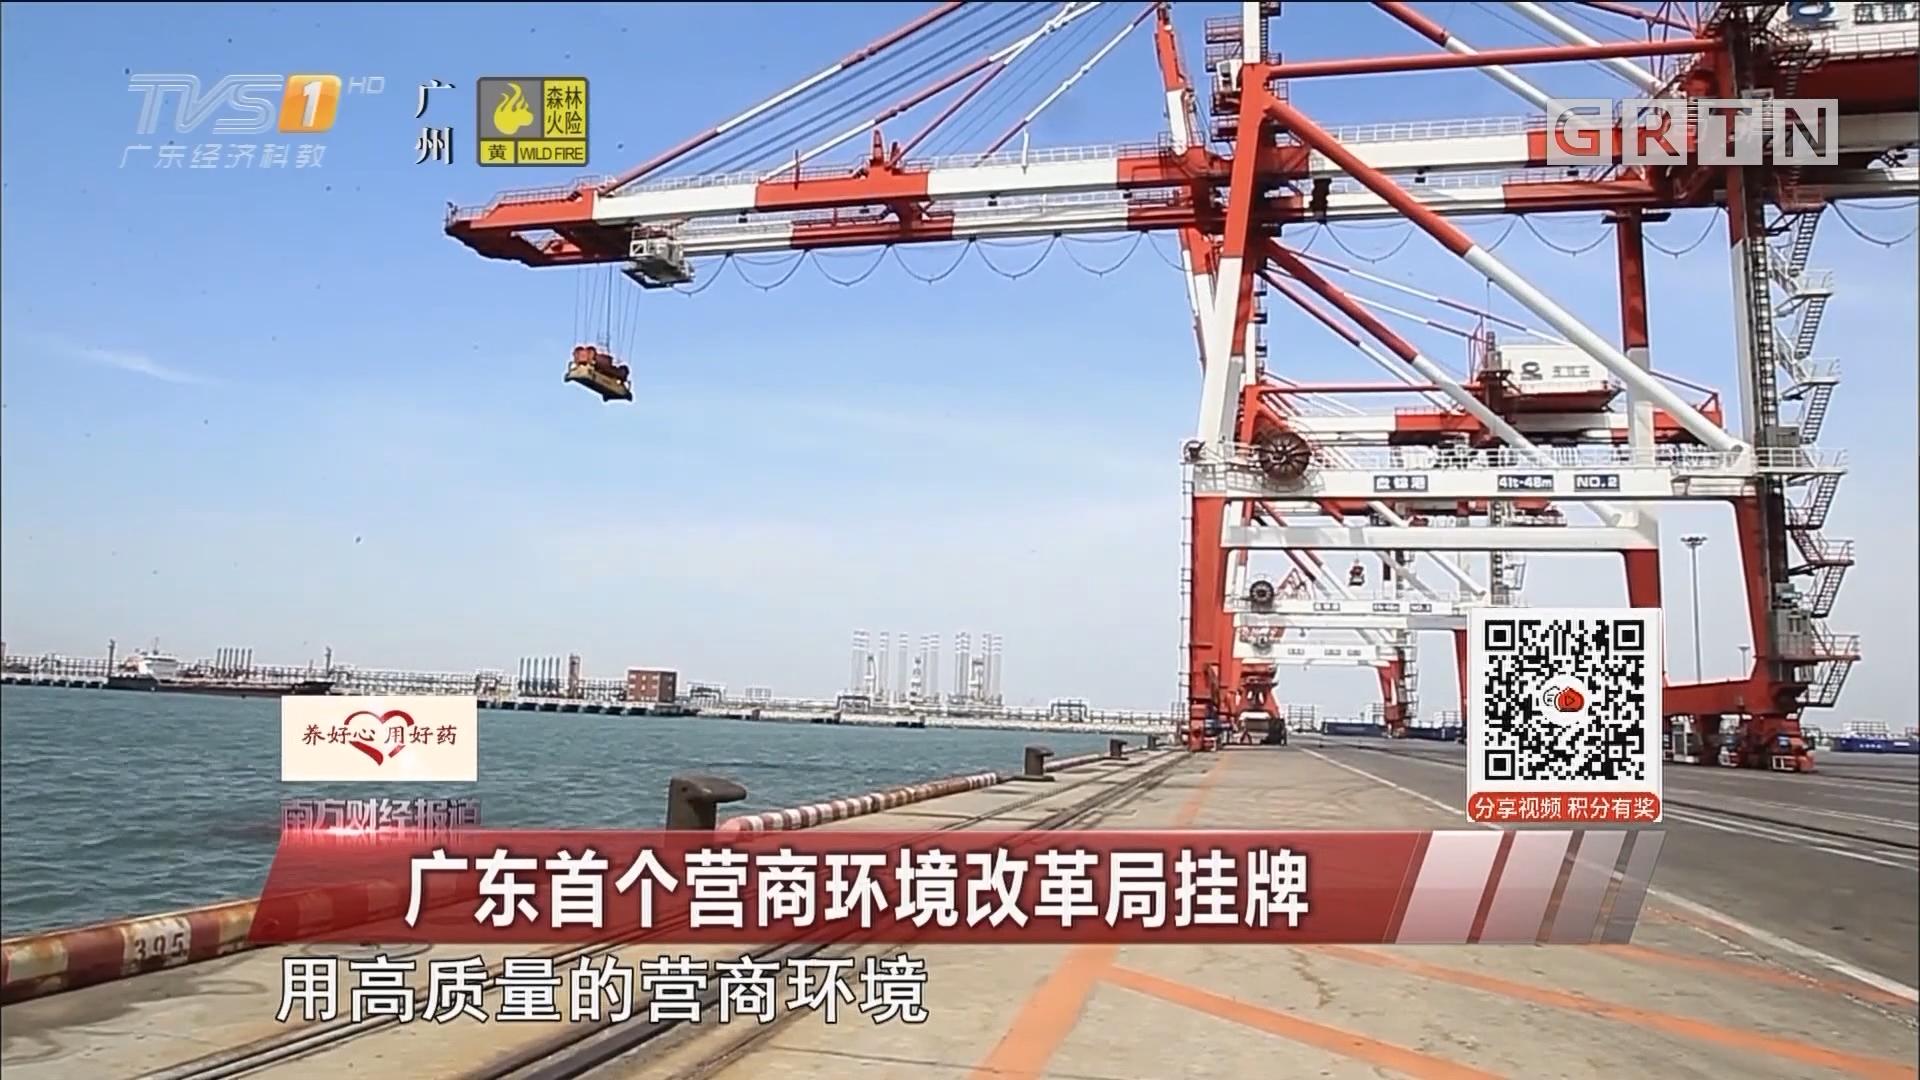 广东首个营商环境改革局挂牌